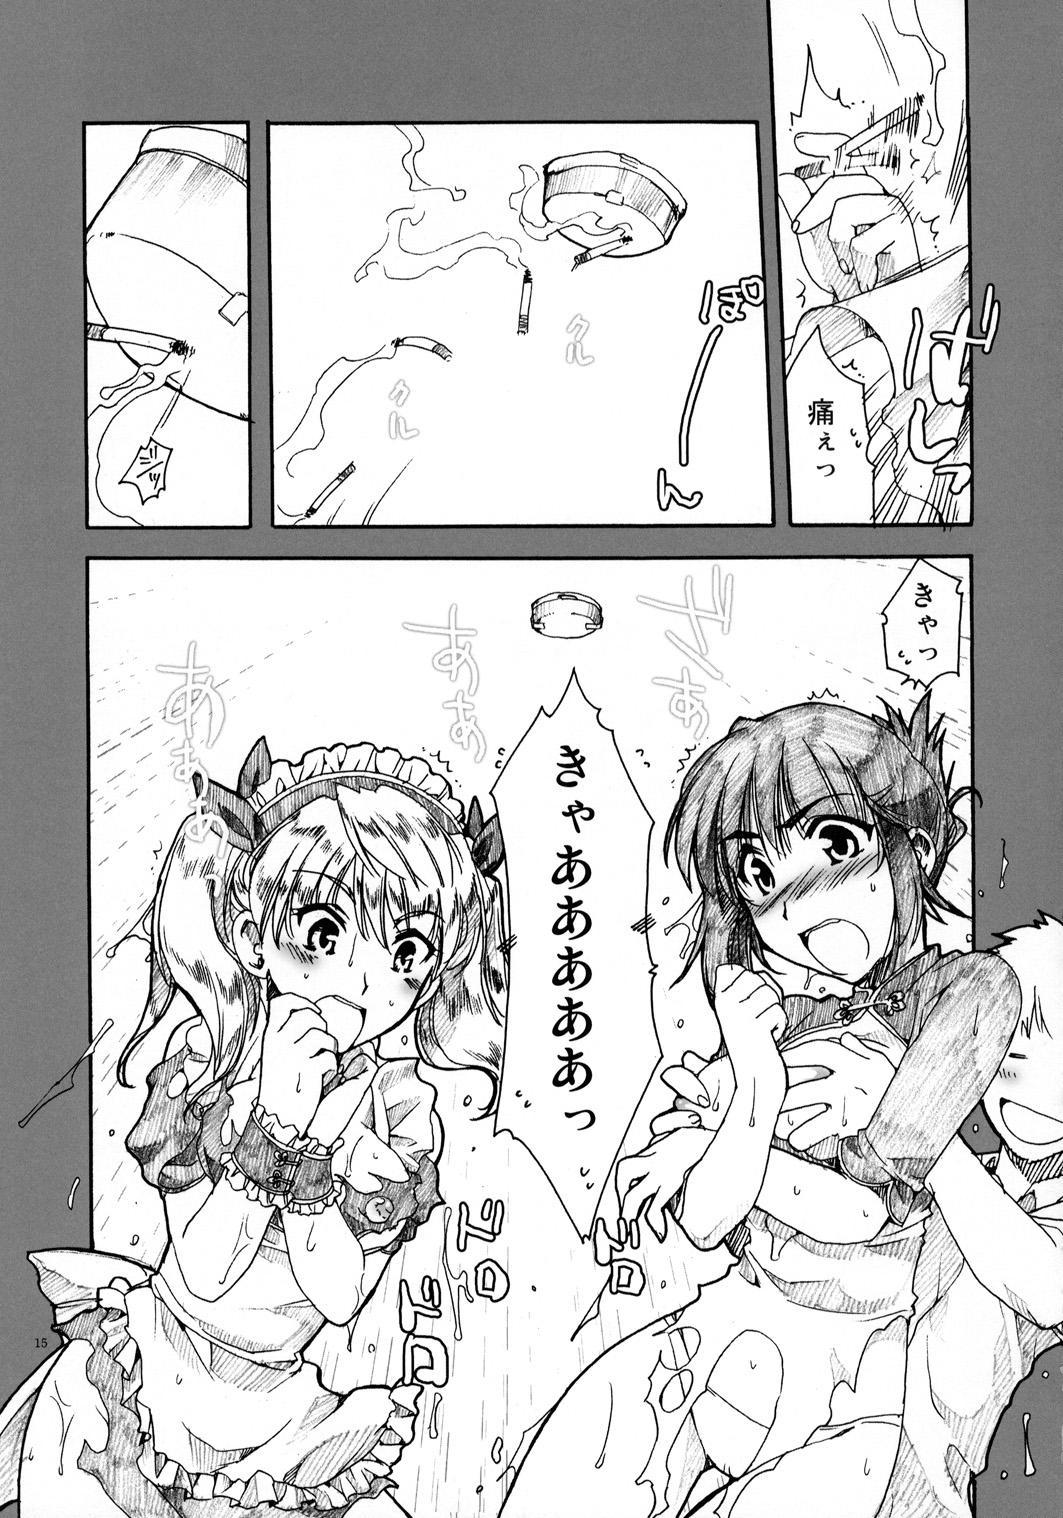 Zenyasai 13